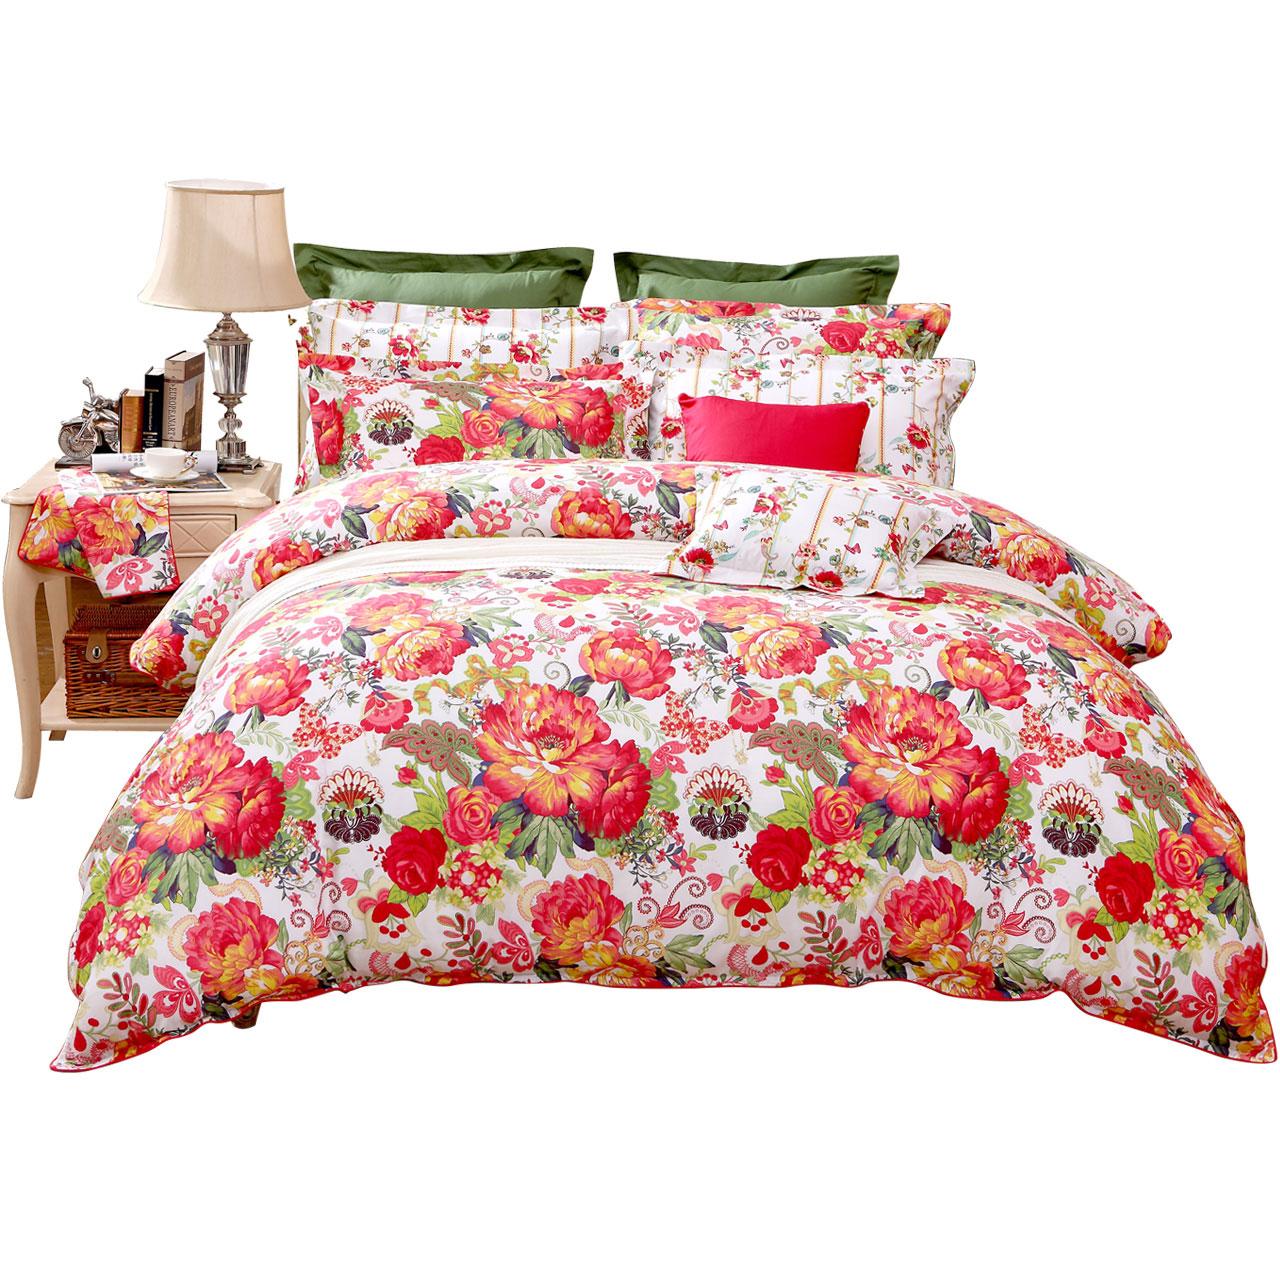 床单被套 1.5m 双人床上用品简约套件 1.8m 富安娜家纺全棉四件套纯棉